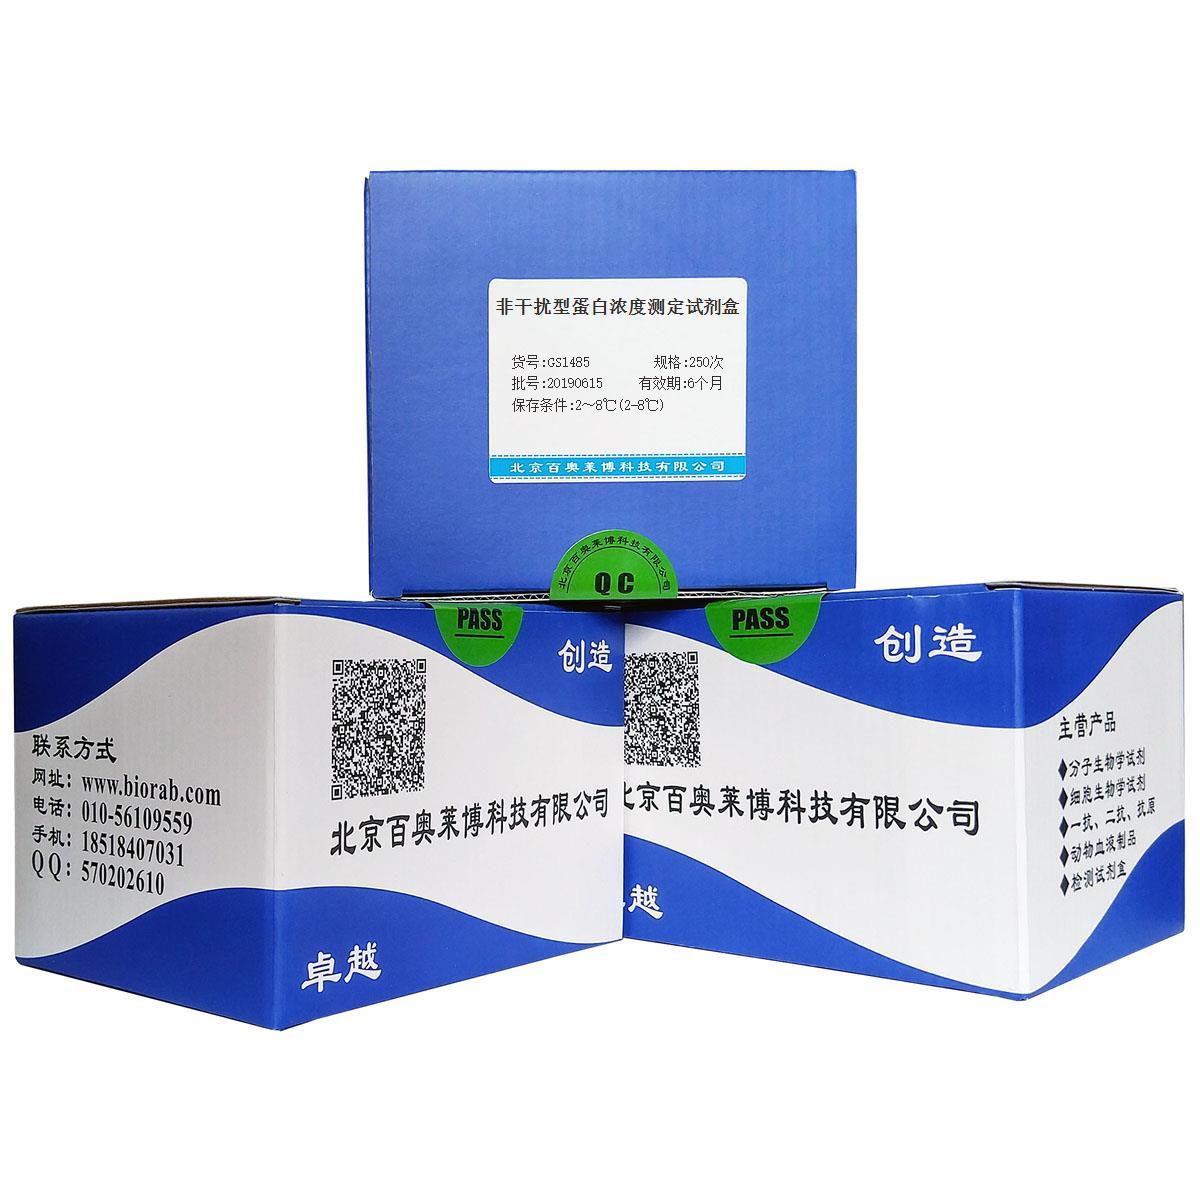 非干扰型蛋白浓度测定试剂盒报价